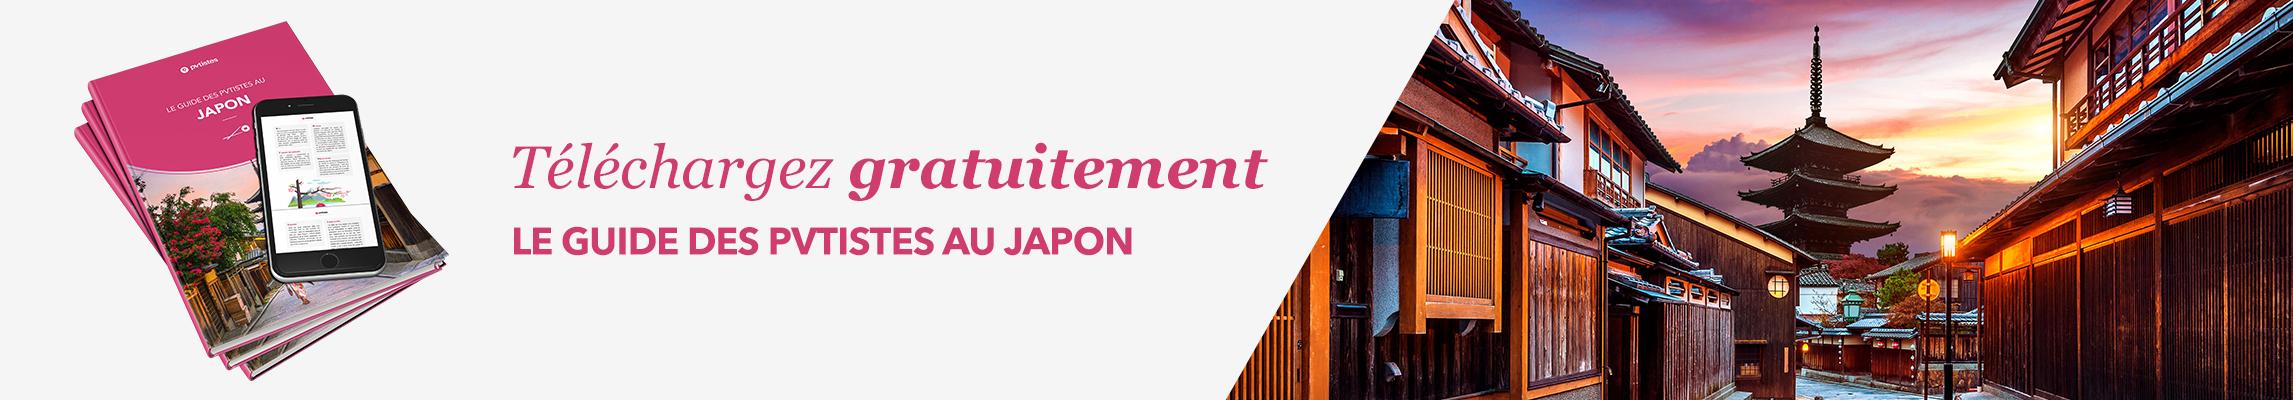 banniere-article-guide-japon